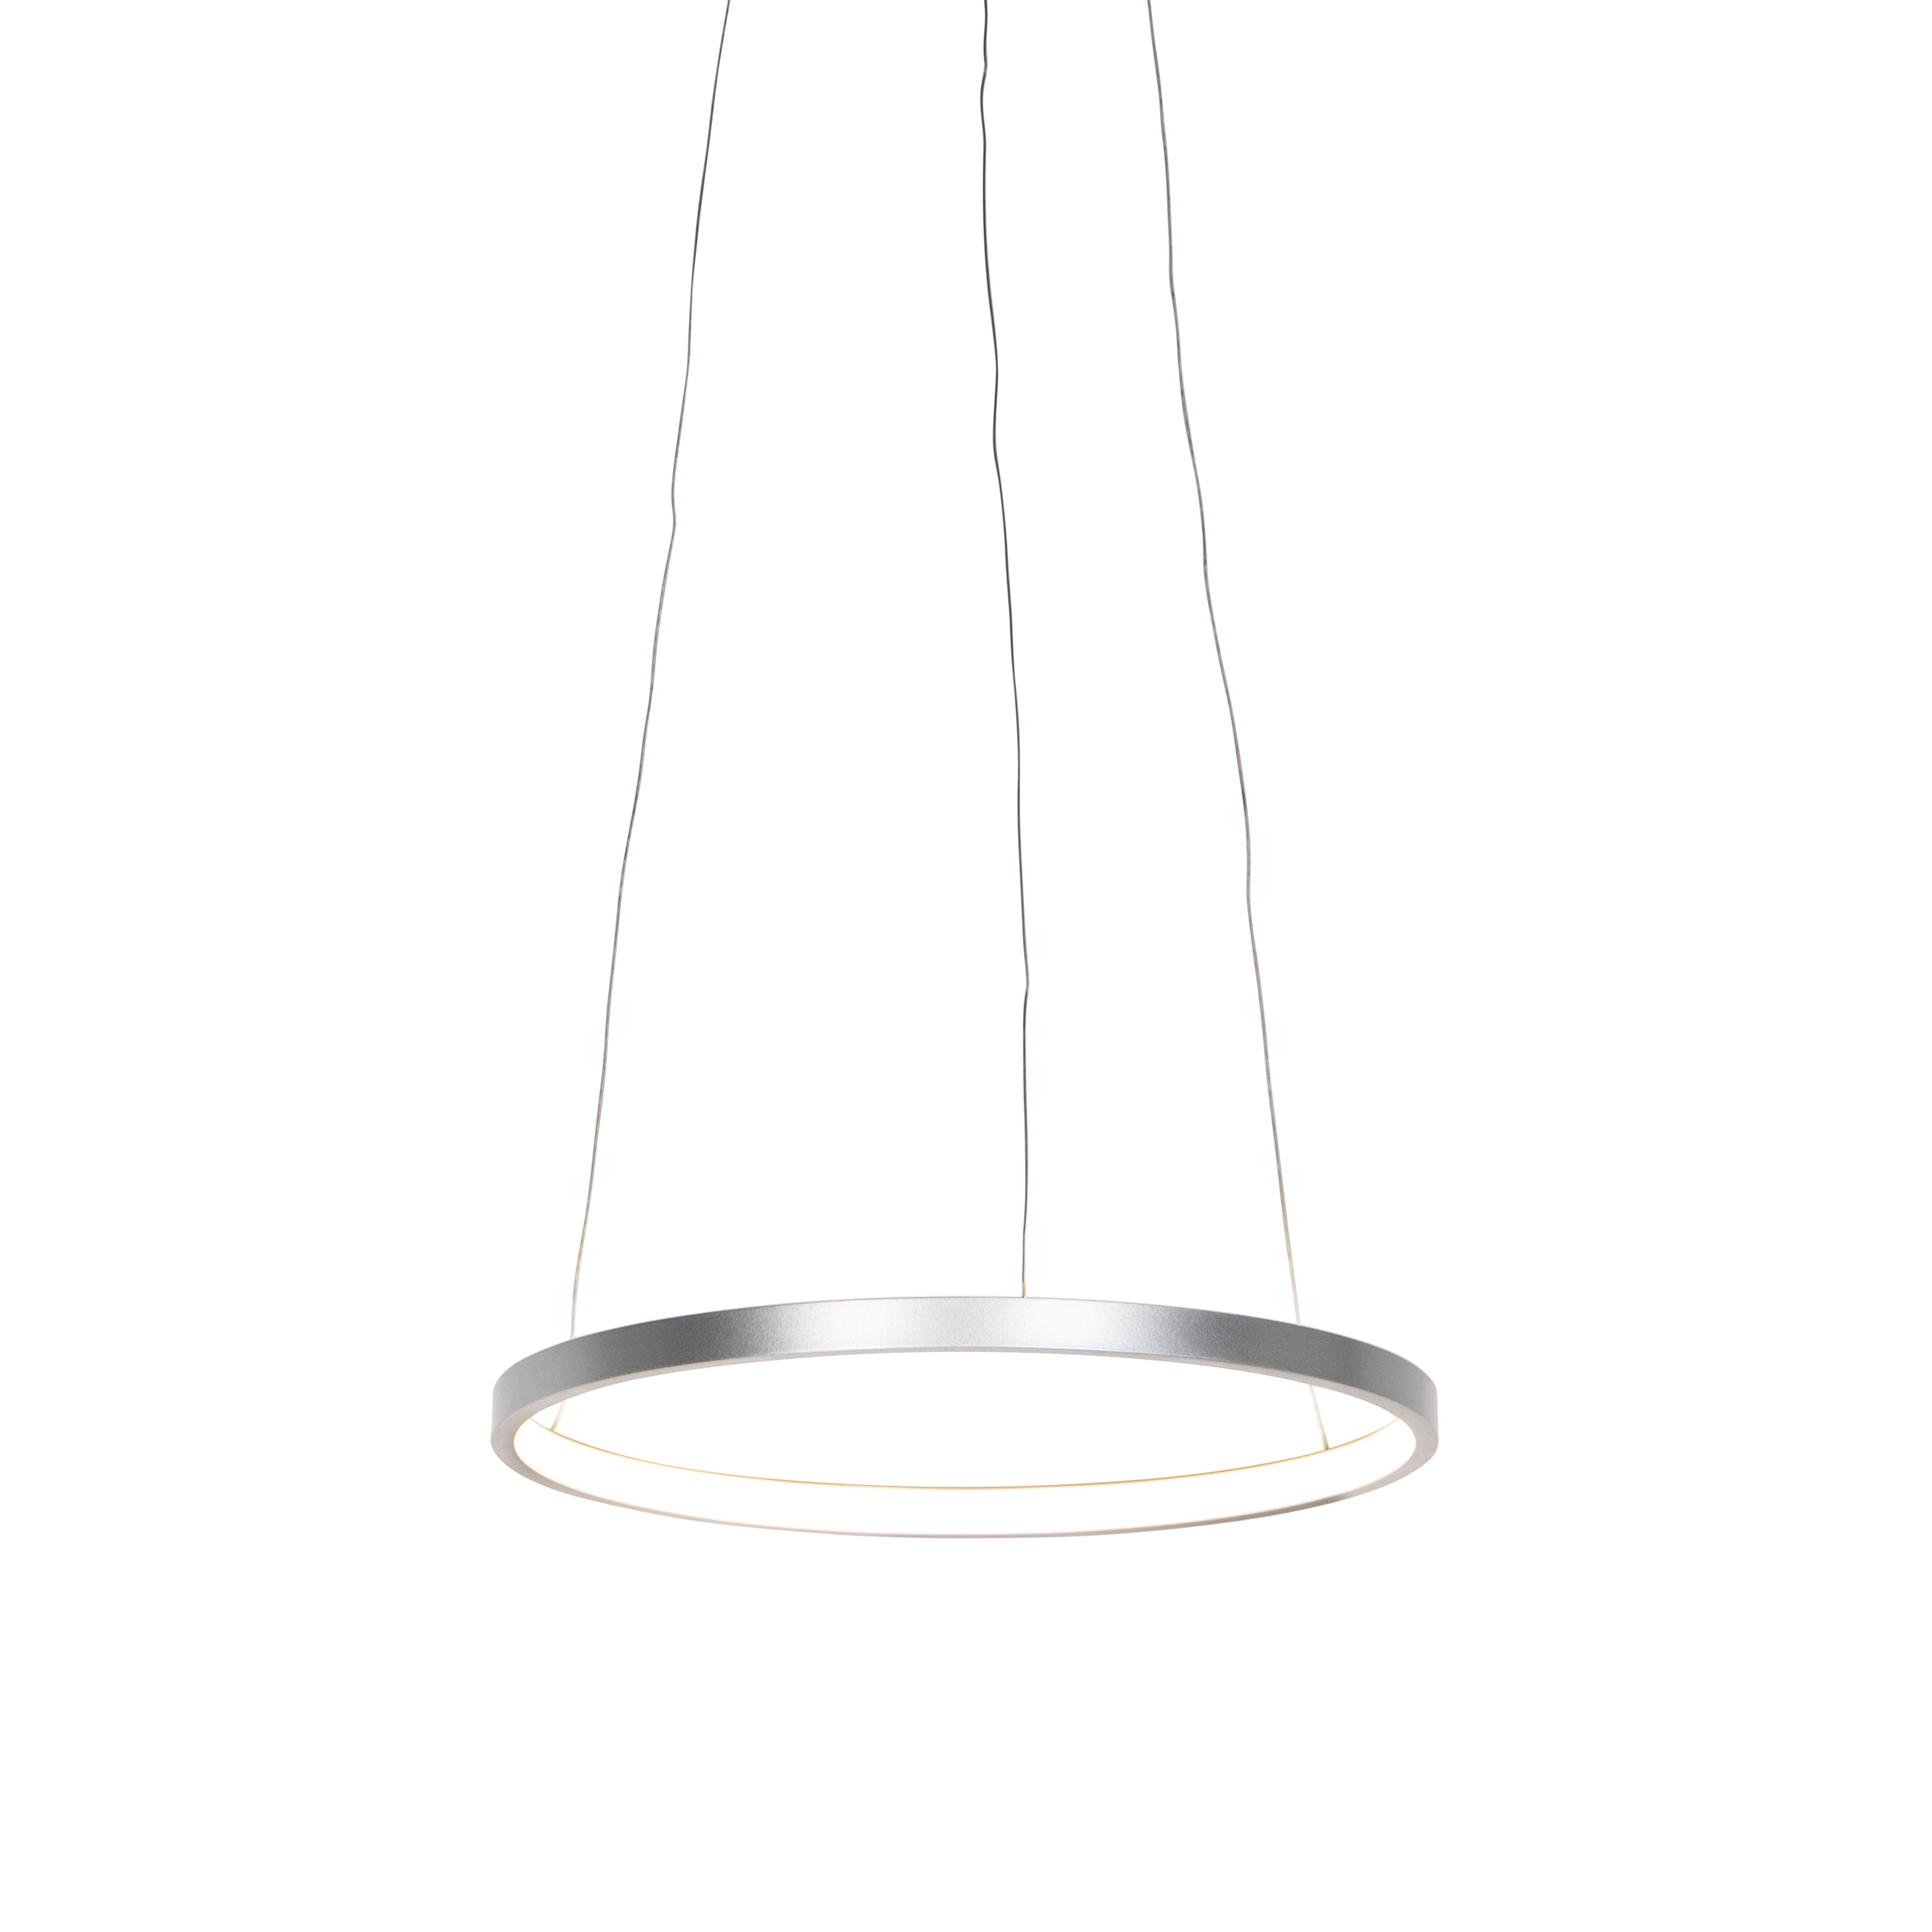 Moderne ring hanglamp zilver 40 cm incl. LED - Anella